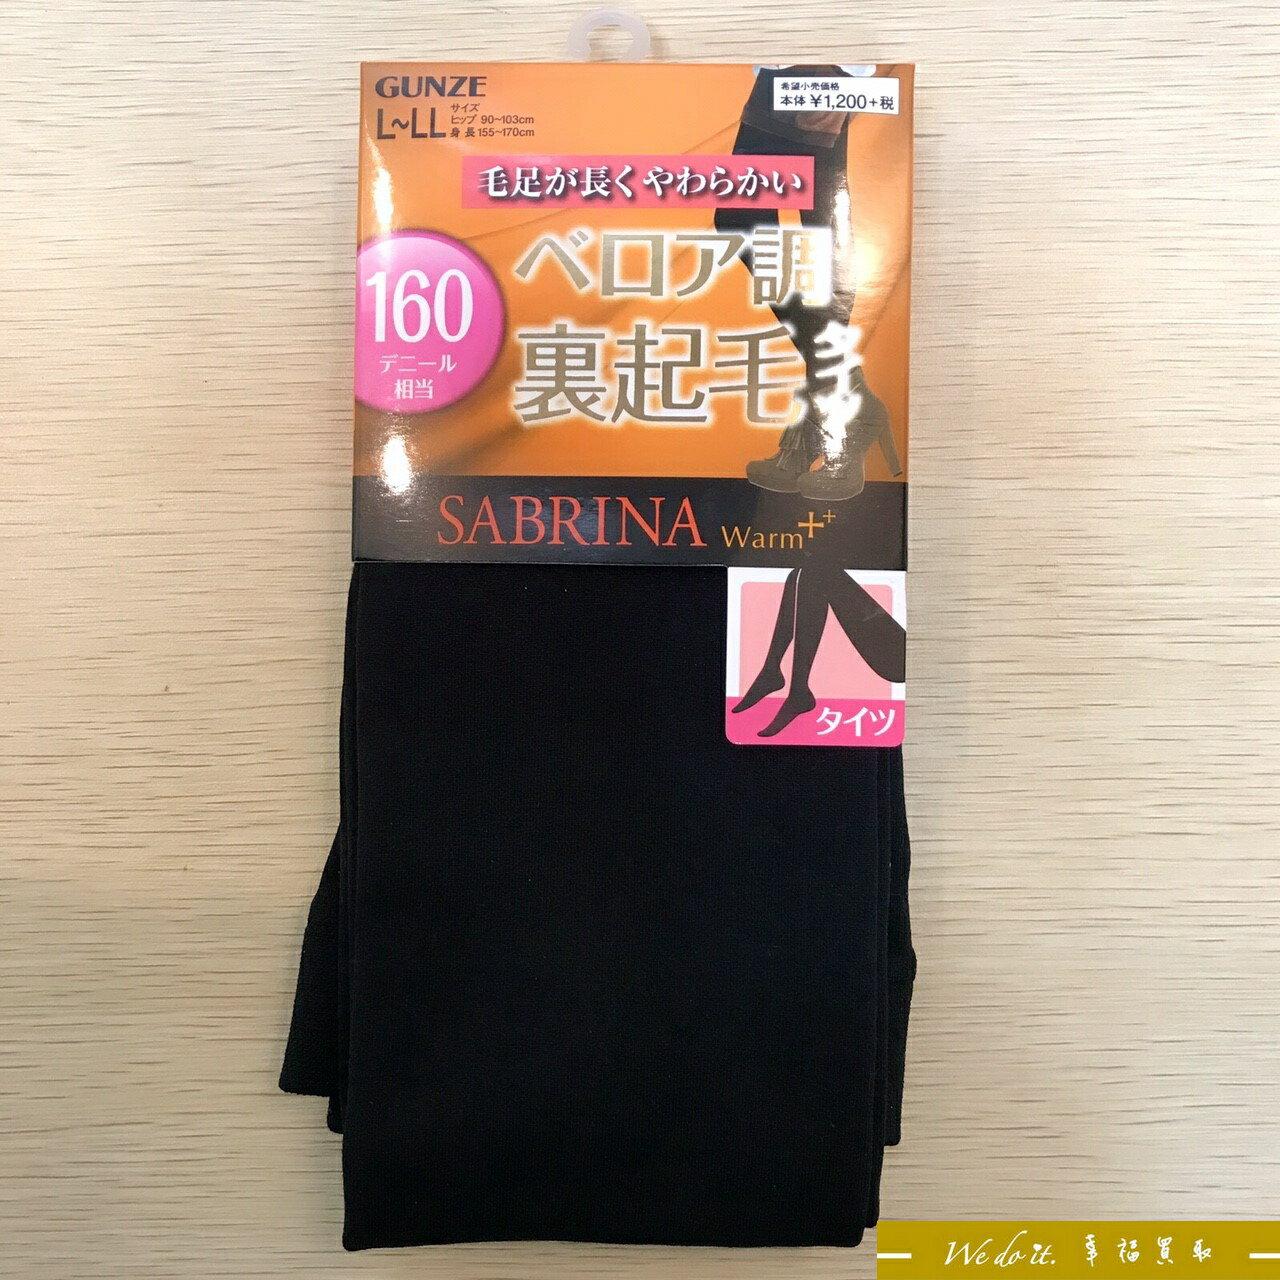 日本製 GUNZE X SABRINA Warm+ 160丹 裹起毛 顯瘦保暖褲襪-全長-L~LL